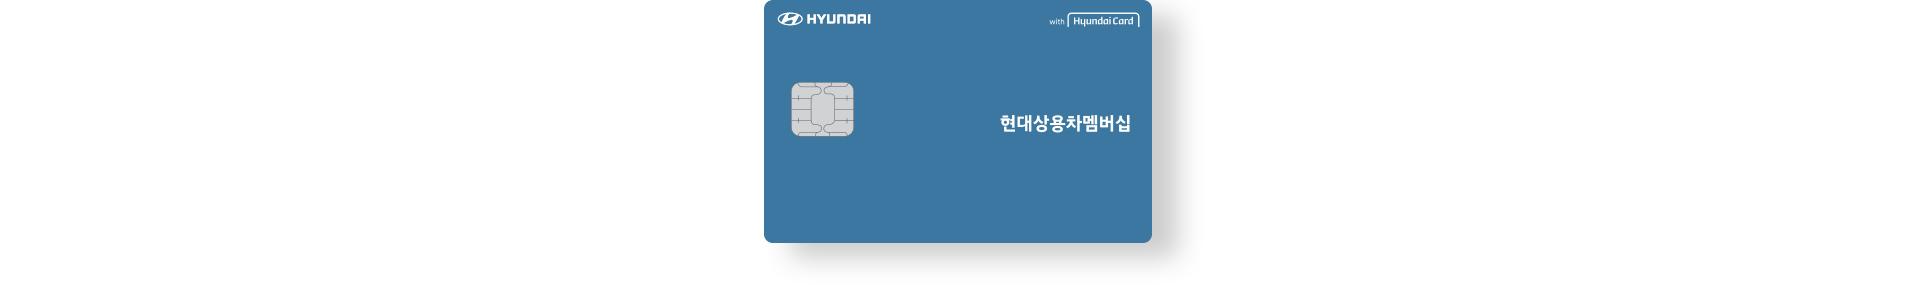 현대 상용차 멤버십 카드